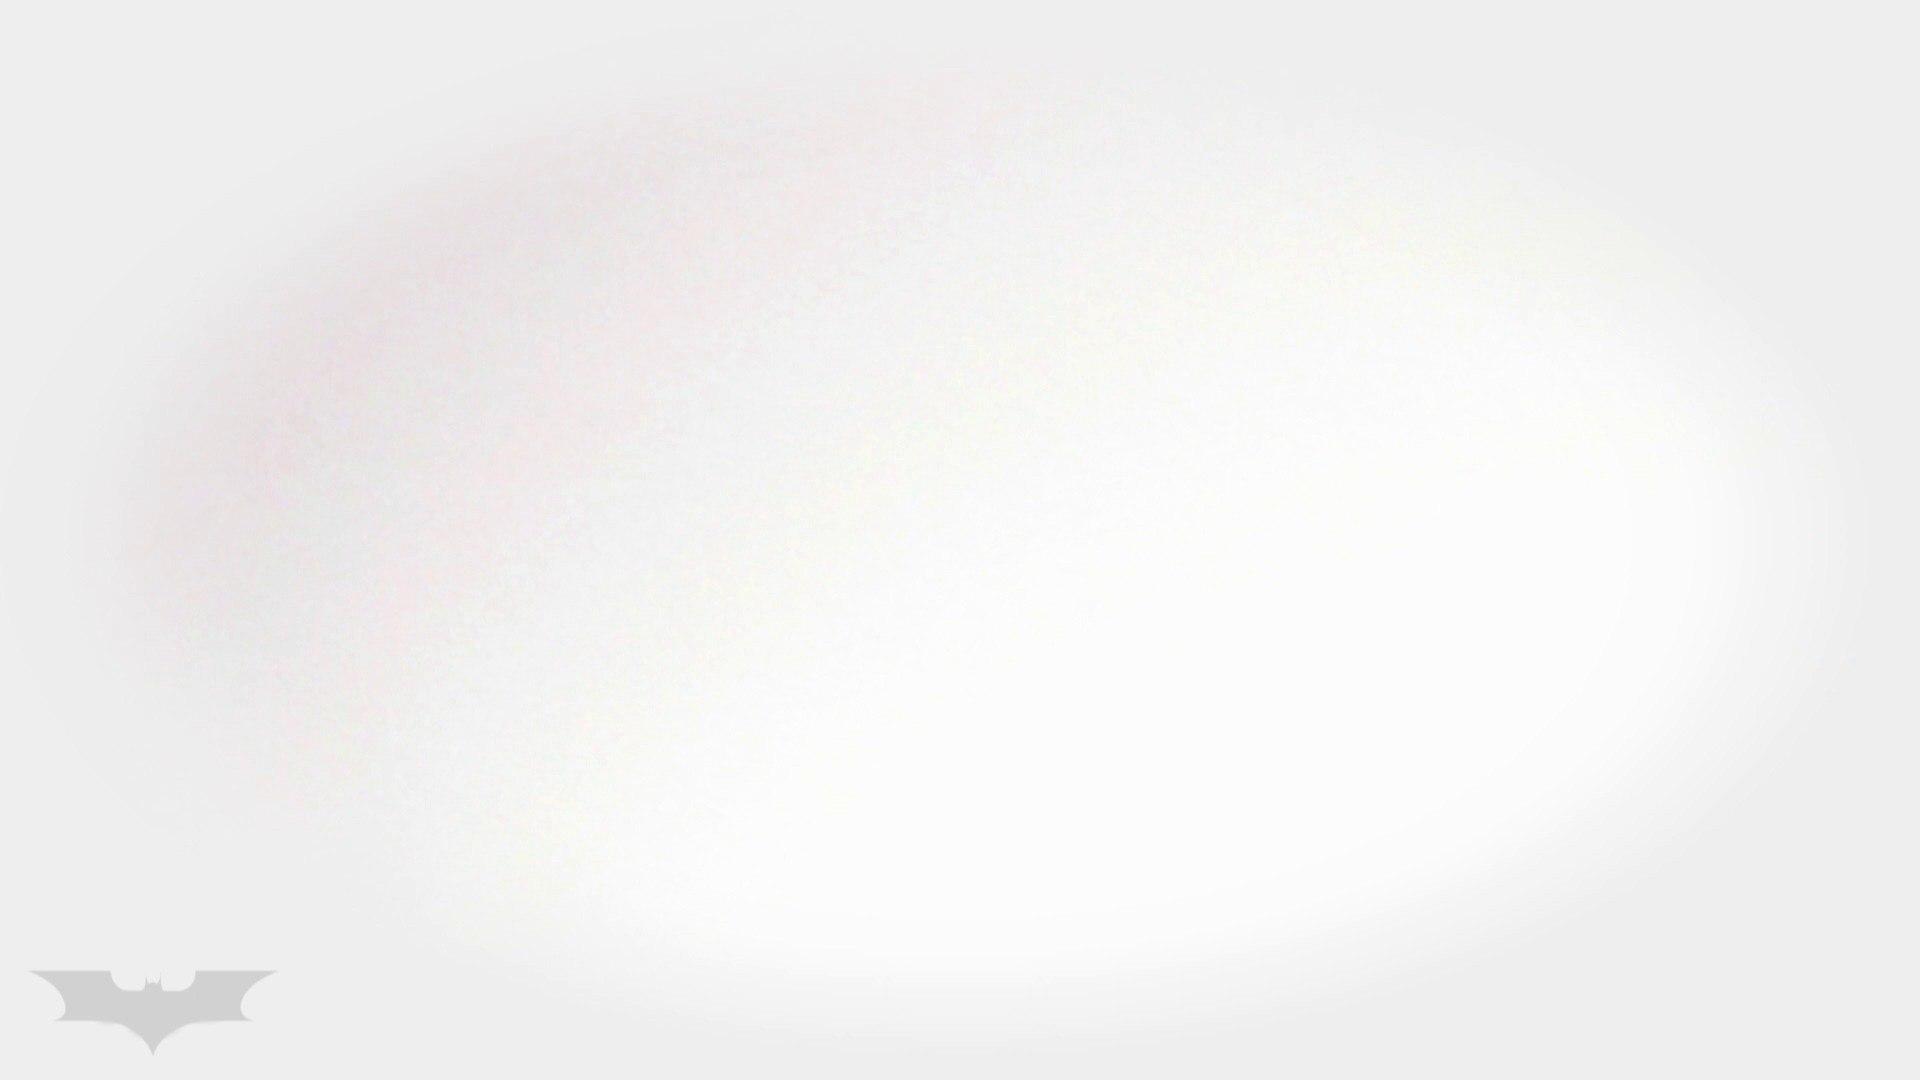 お市さんの「お尻丸出しジャンボリー」 09 発見!可愛い日本人二人組 丸見え おまんこ無修正動画無料 108画像 104